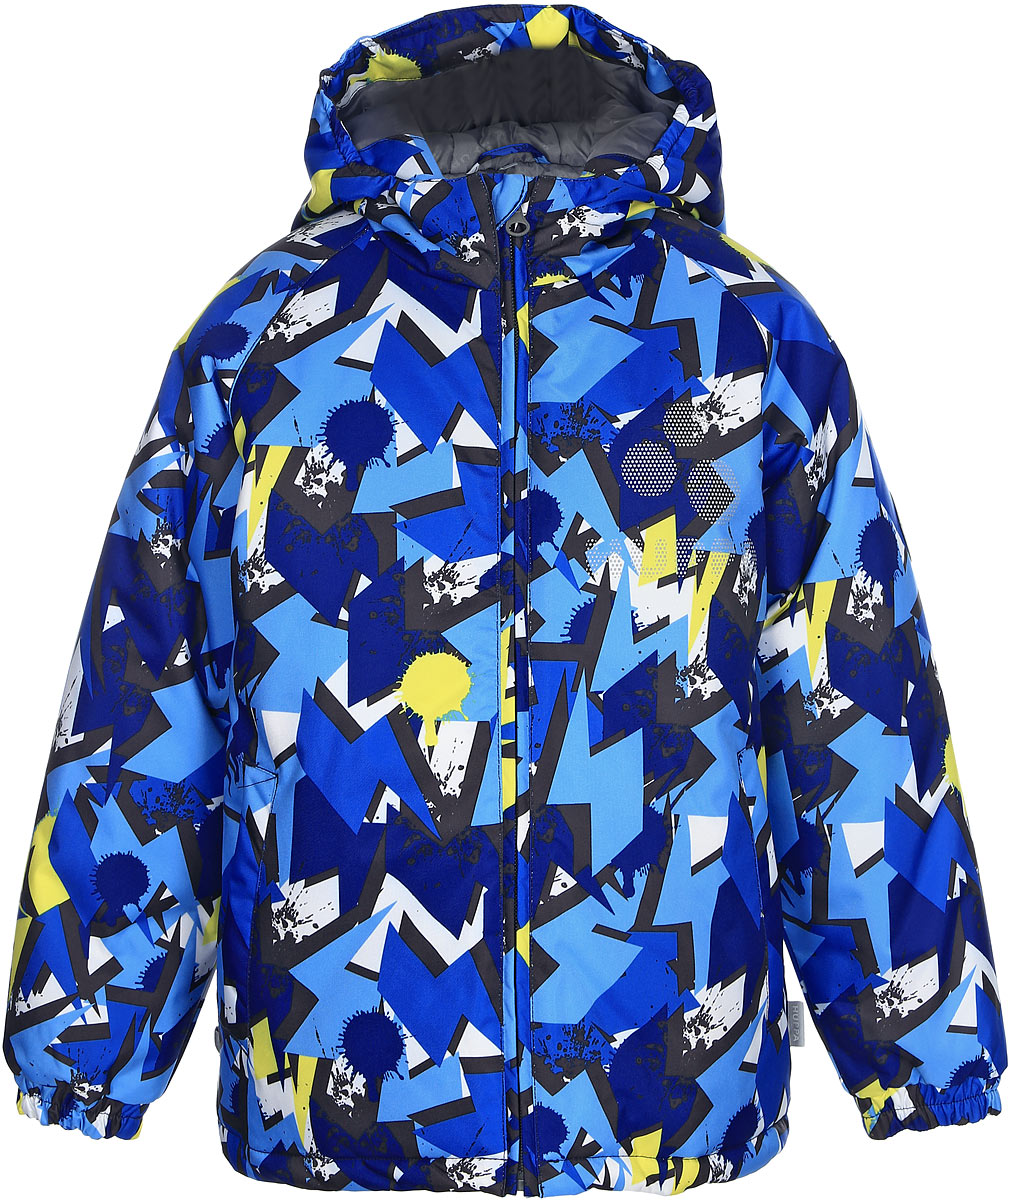 Куртка для мальчика Huppa Classy, цвет: темно-синий. 17710030-63486. Размер 15217710030-63486Куртка для мальчика Huppa выполнена из высококачественноговодонепроницаемого и ветрозащитного материала на основе полиэстера. Куртка c длиннымирукавами, воротником-стойкой и несъемным капюшоном. Модельзастегивается на застежку-молнию с защитой подбородка спереди. Изделиеимеет два прорезных кармана без застежек. Манжеты рукавов собранына внутренние резинки. На изделии имеются светоотражательные элементы длябезопасности в темное время суток.